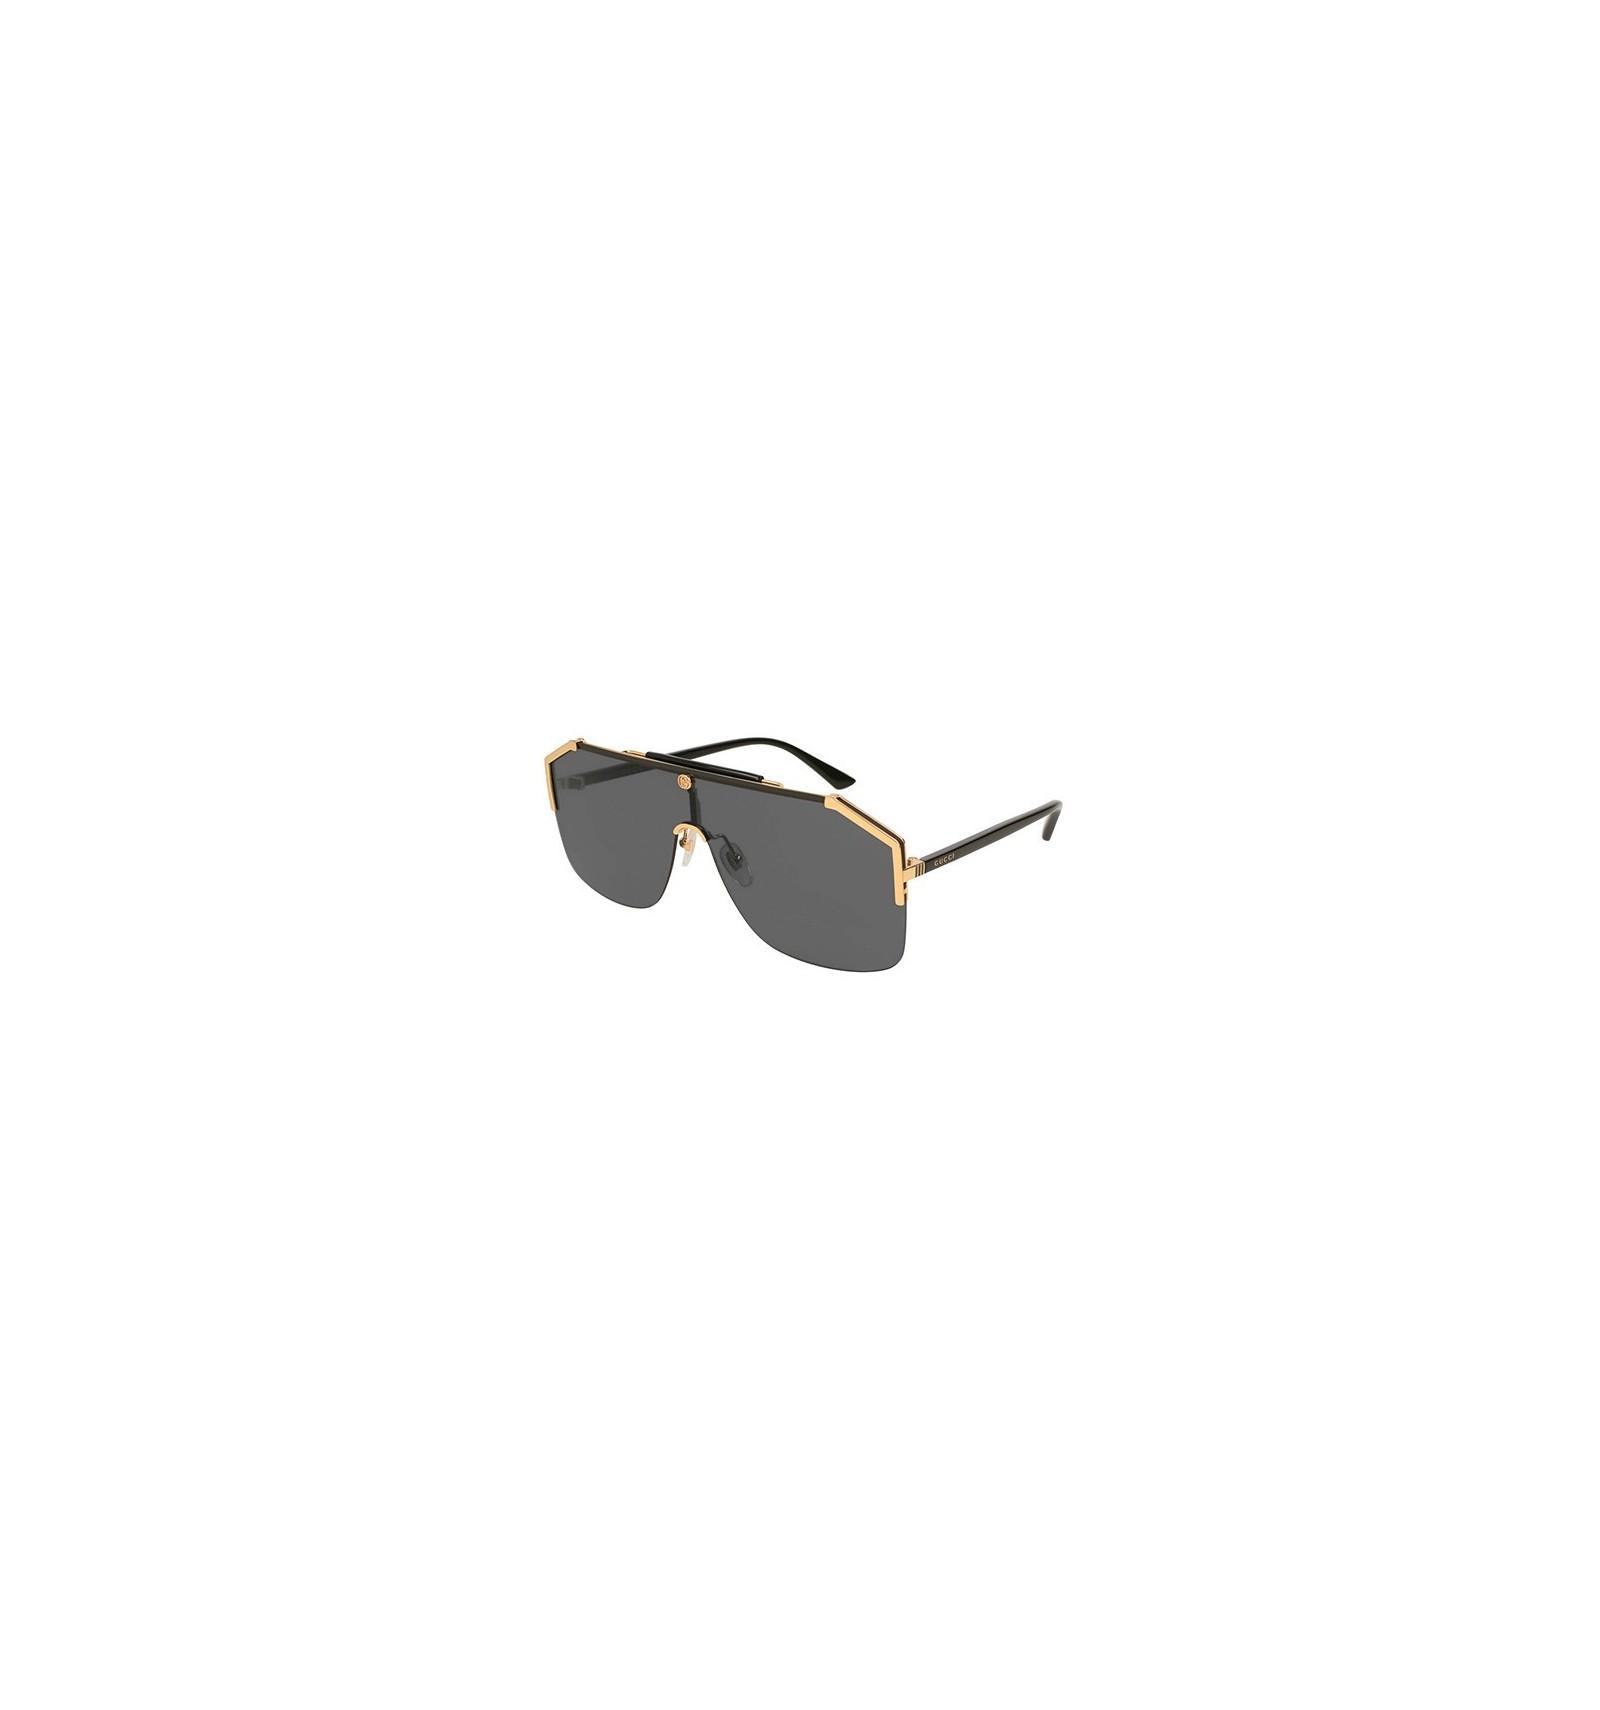 13a4e6bb3a Gafas de Sol GUCCI GG0291S Gold - Grey. Compra Online - Envío Gratis